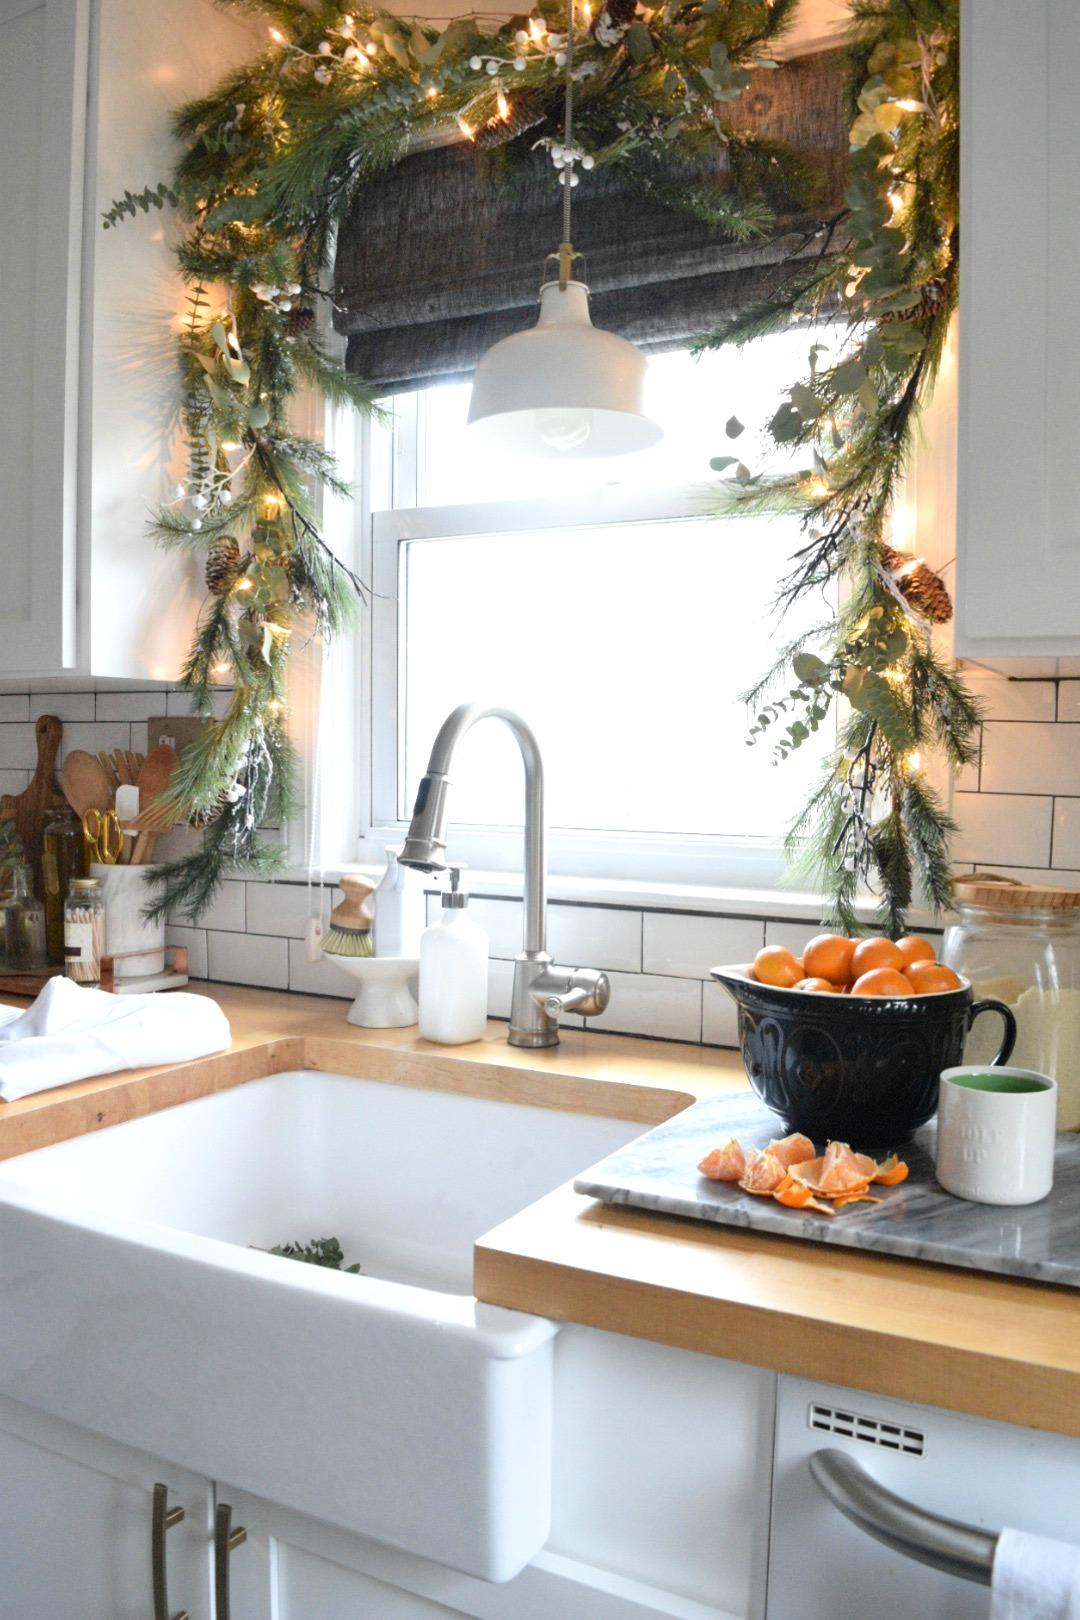 Украшение кухонного окна к новому году